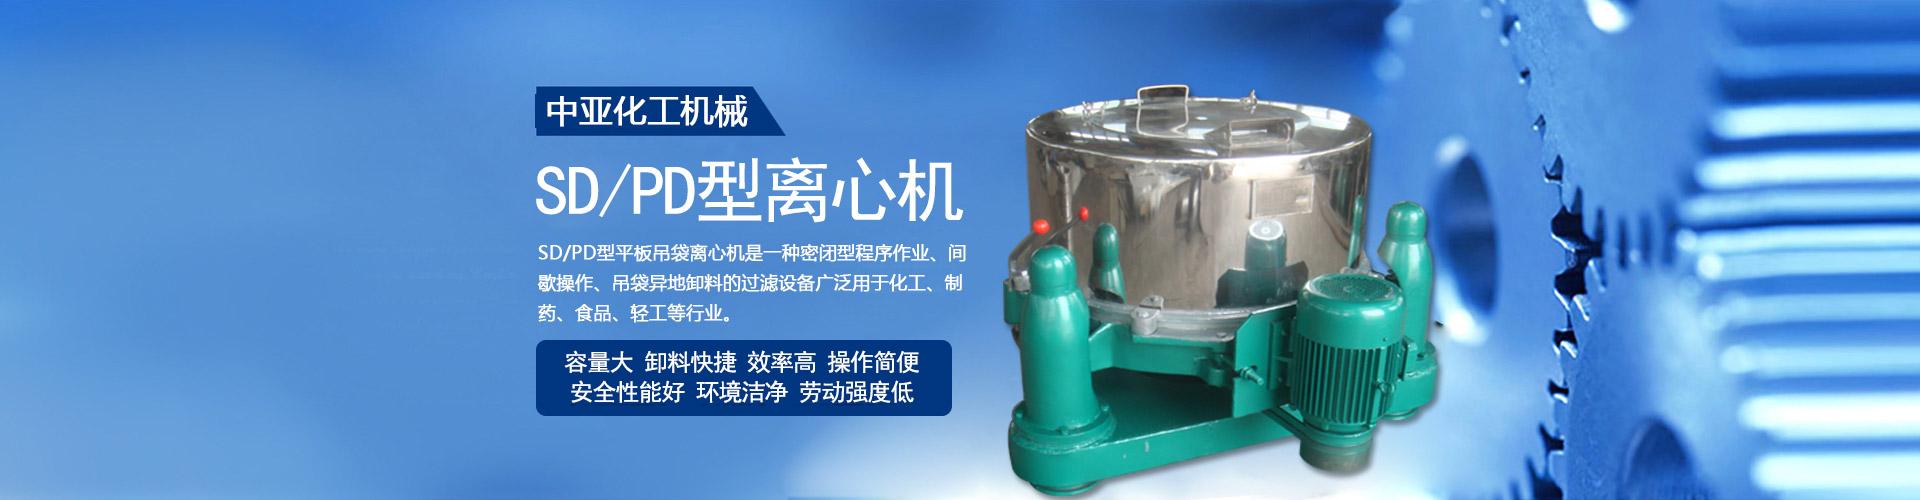 连云港硅片切割液固液分离设备